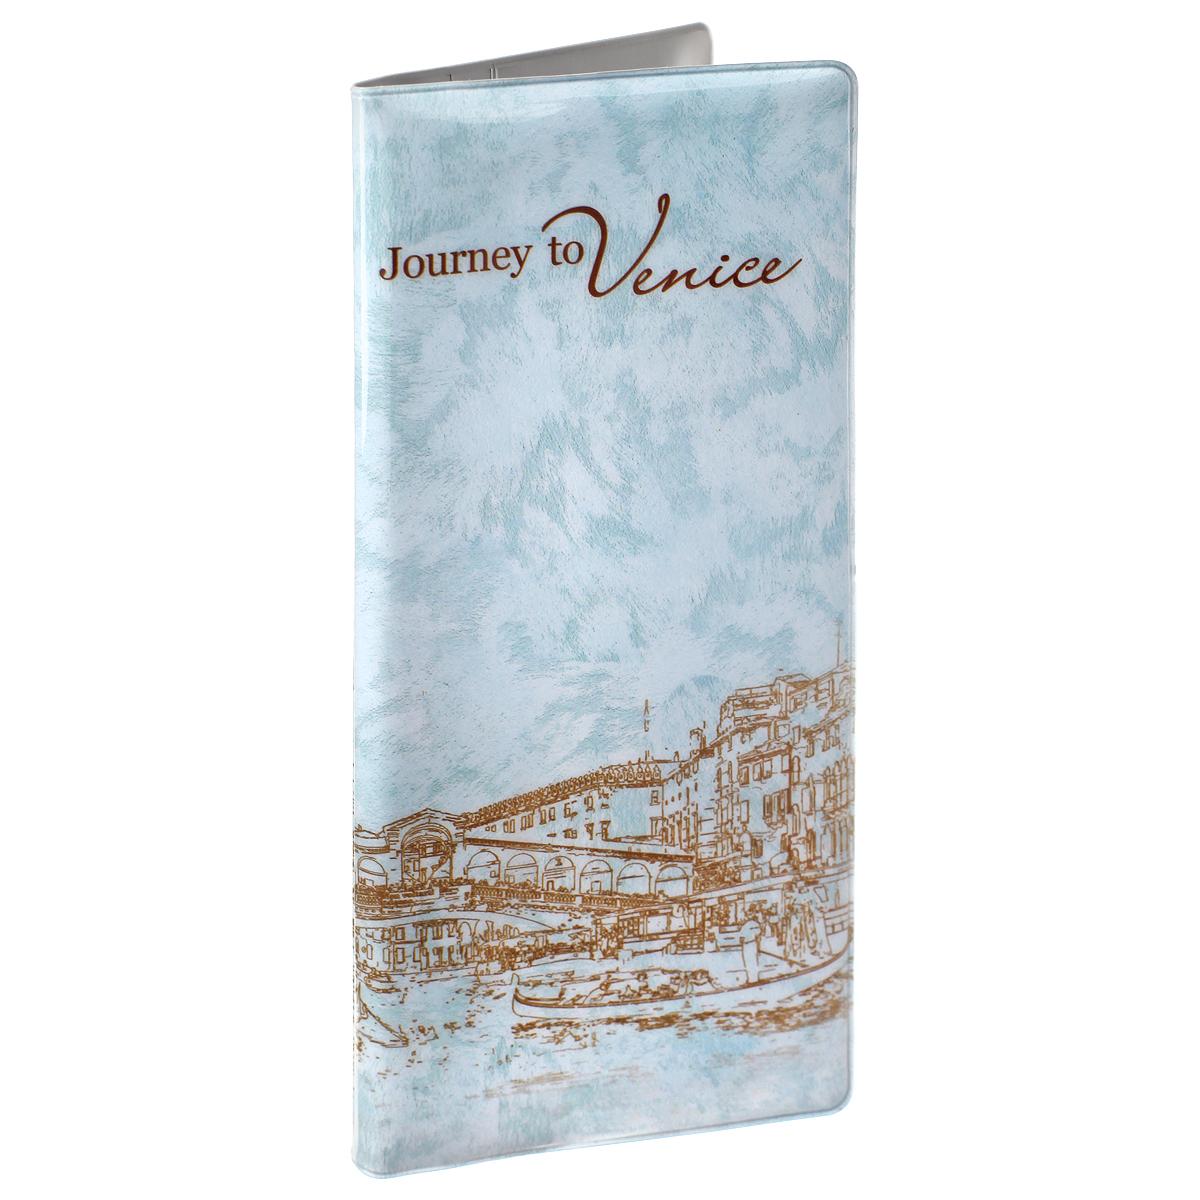 Конверт путешественника Путешествие в Венецию, цвет: голубой. 3770137701Конверт путешественника Путешествие в Венецию выполнен из поливинилхлорида и оформлен оригинальным изображением пейзажей Венеции. Внутри имеет четыре вертикальных кармана, два из которых сделаны из прозрачного пластика. Конверт идеально подходит для необходимых в дороге документов: паспорта, авиа и ж/д билетов, денег, страховки, а также документов формата А4, сложенных втрое. Конверт путешественника Путешествие в Венецию - это незаменимый аксессуар в поездках и путешествиях.